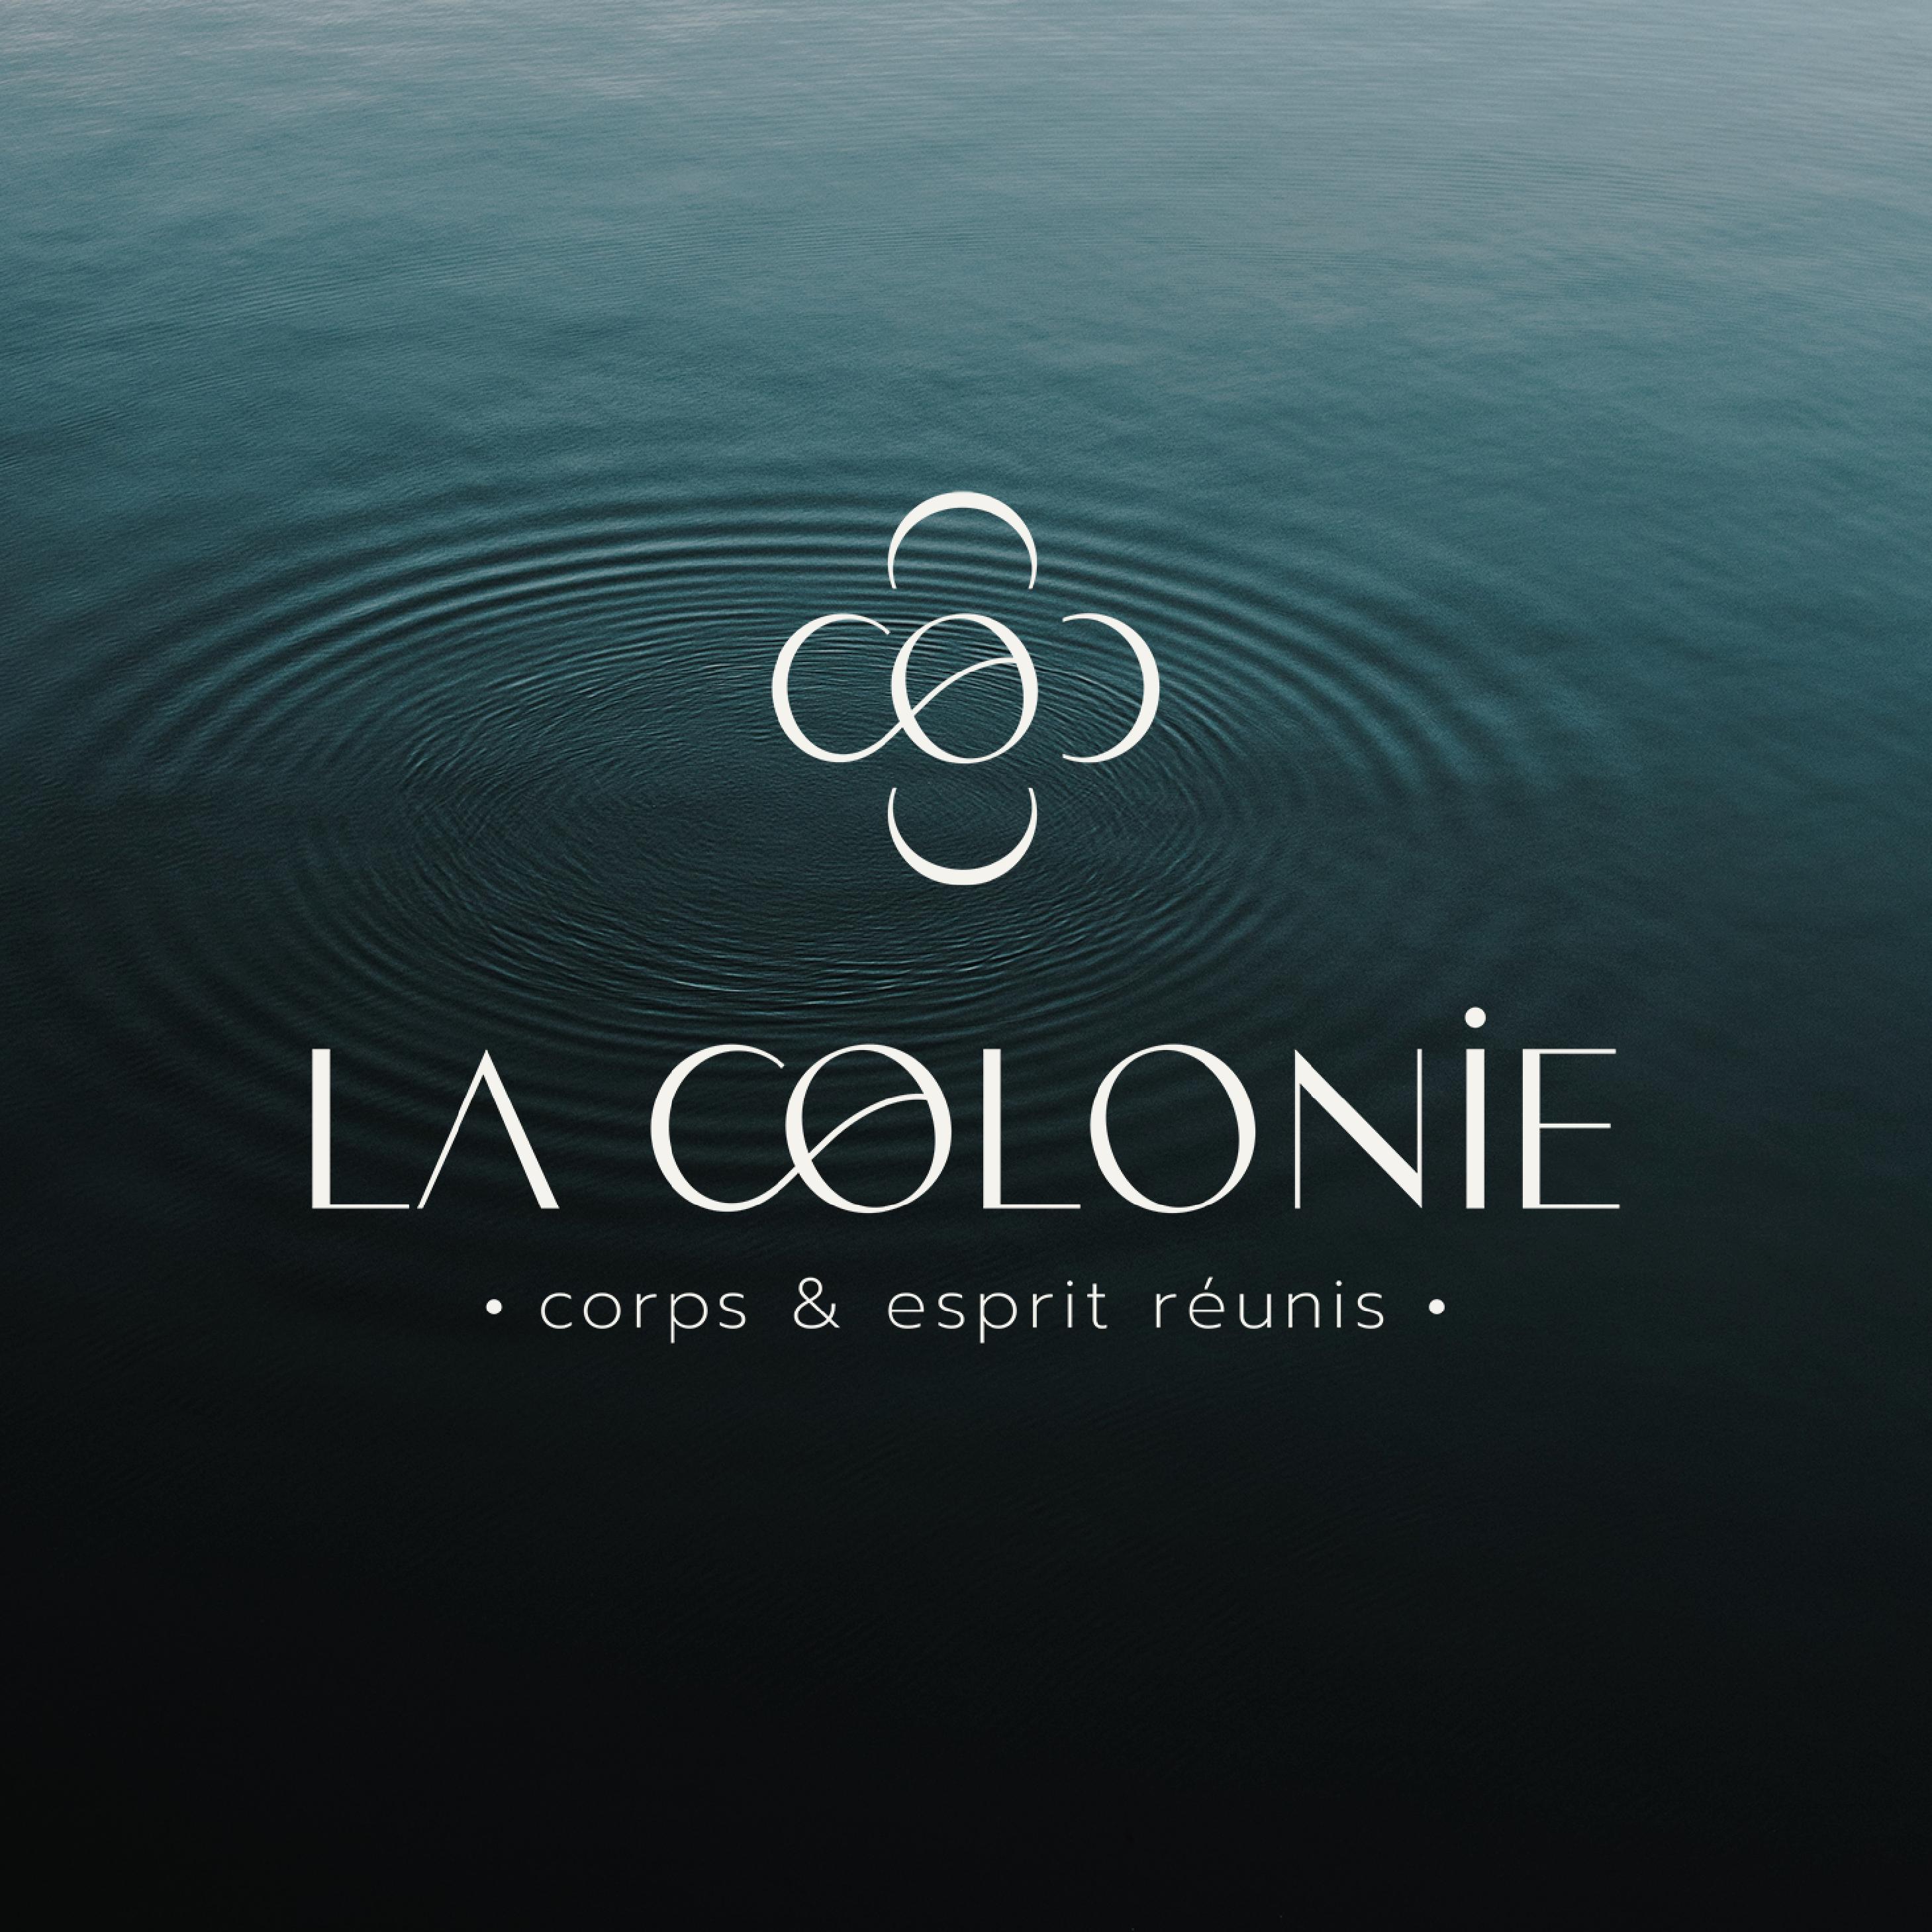 logo la colonie